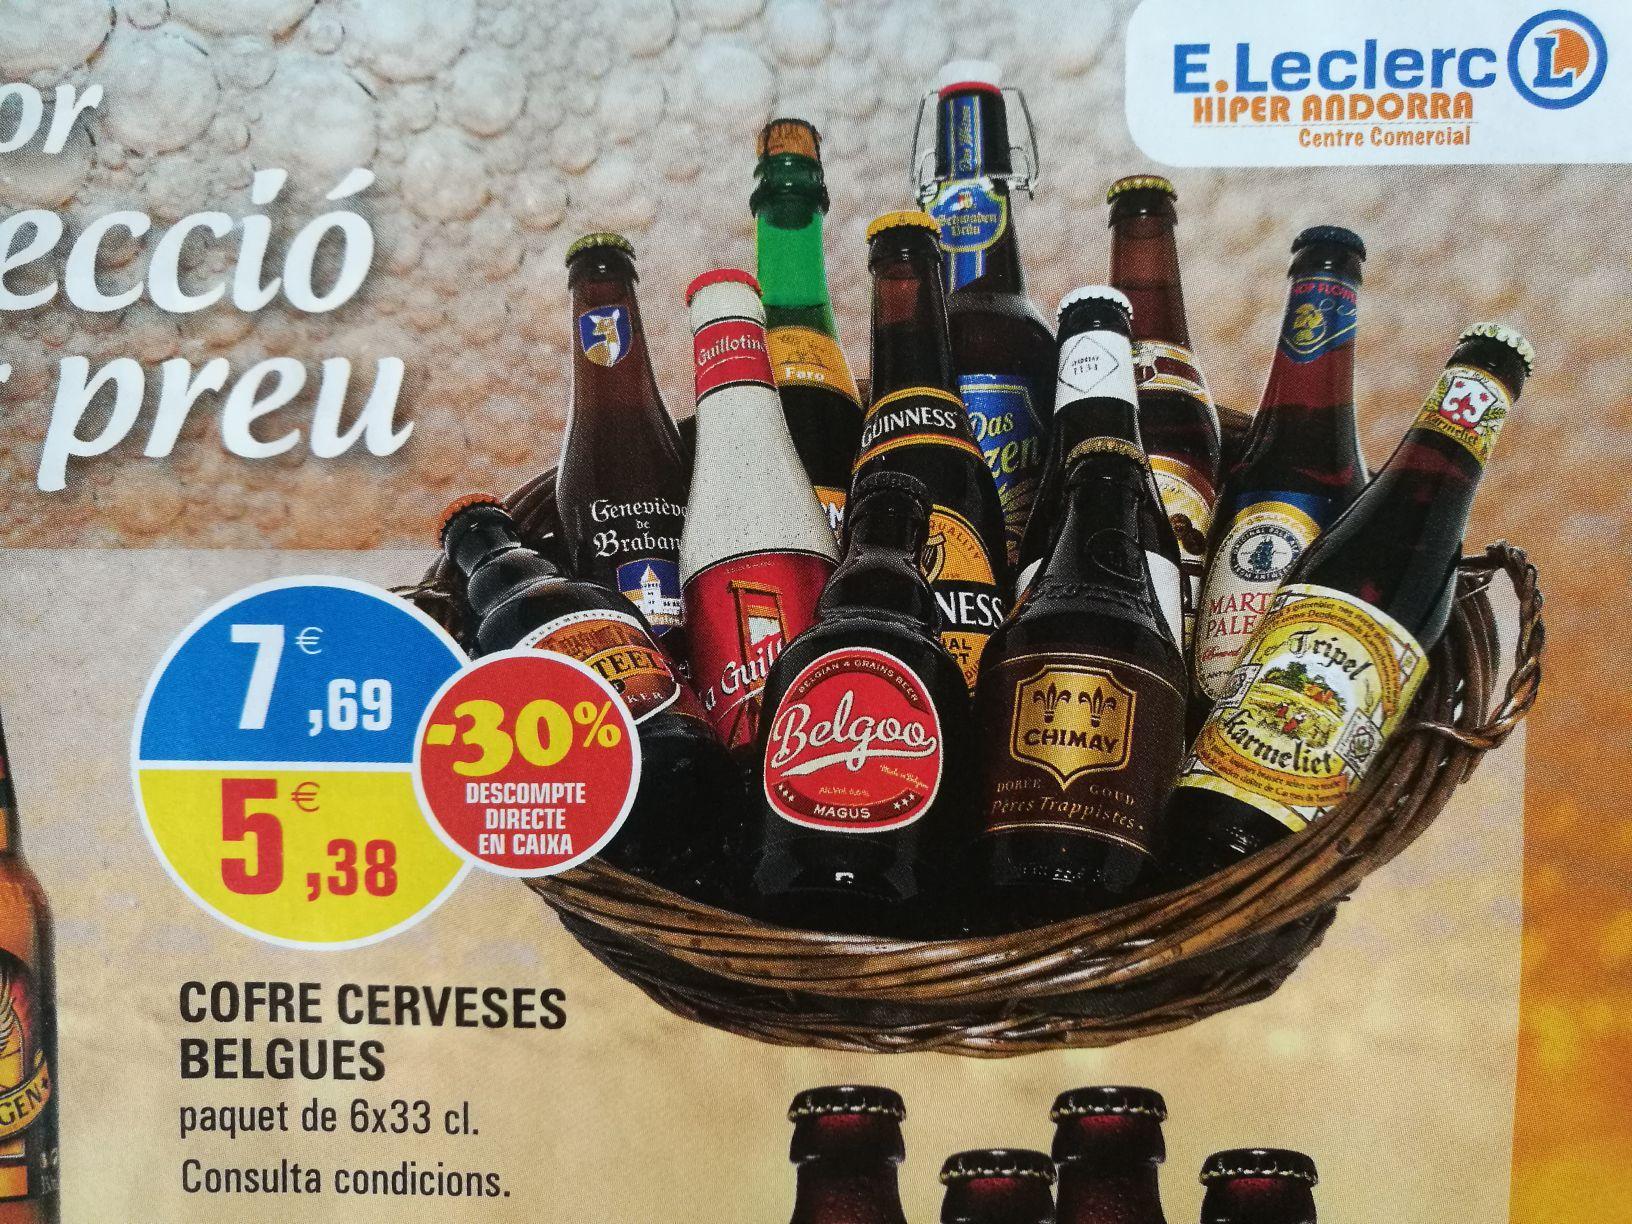 Pack de 6 bières belges premium - 6 x 33 cl